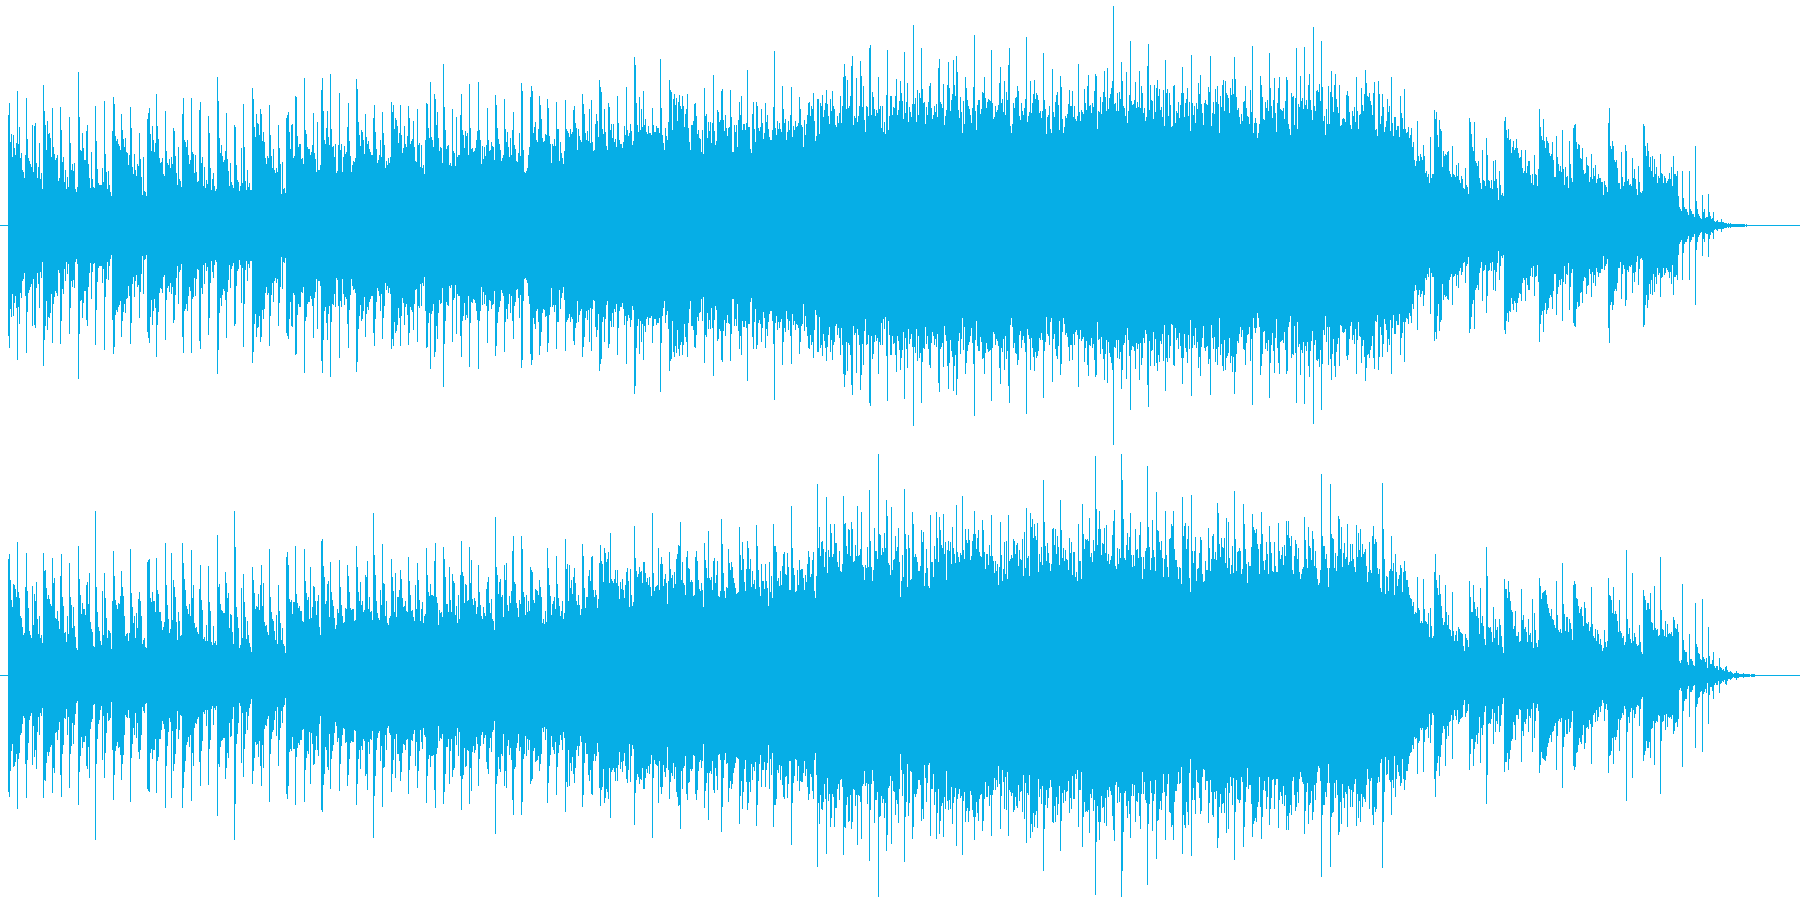 【生演奏】感動的なバイオリンバラードOPの再生済みの波形